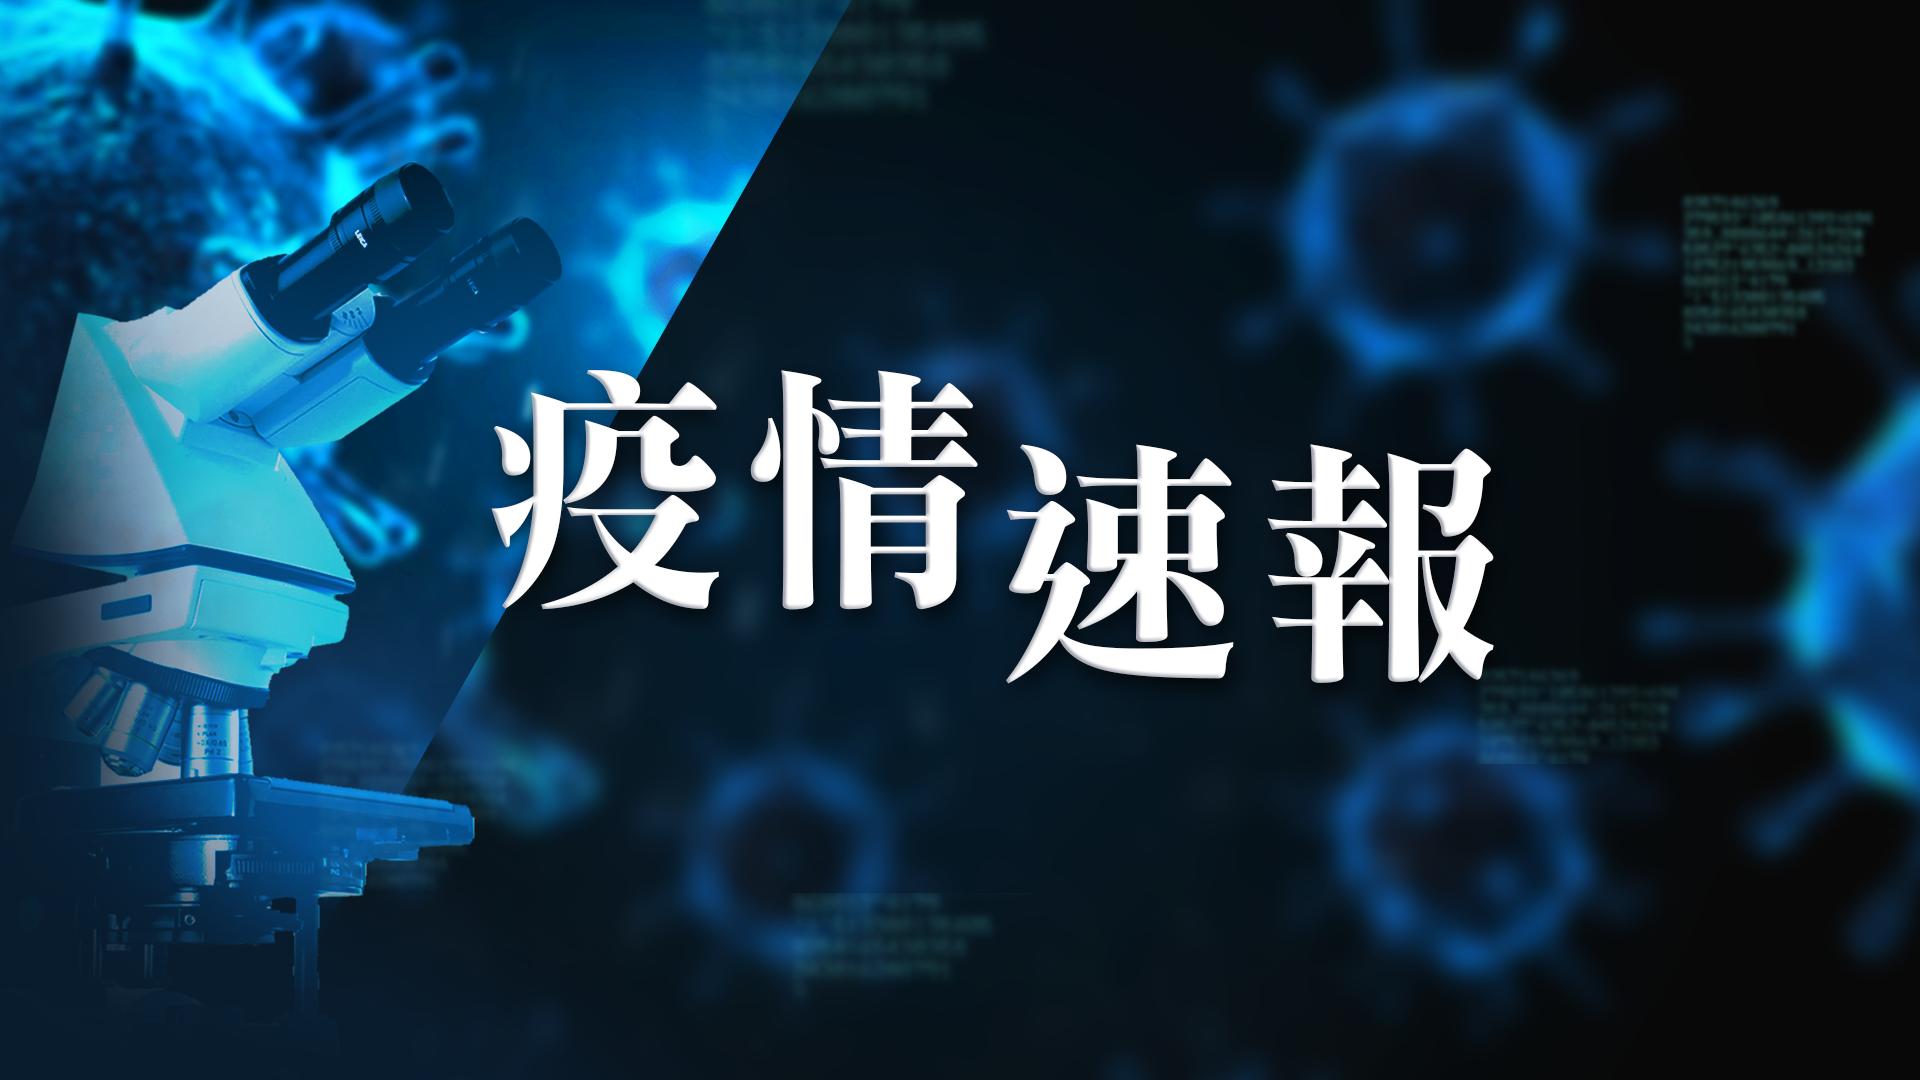 【1月23日疫情速報】(18:45)